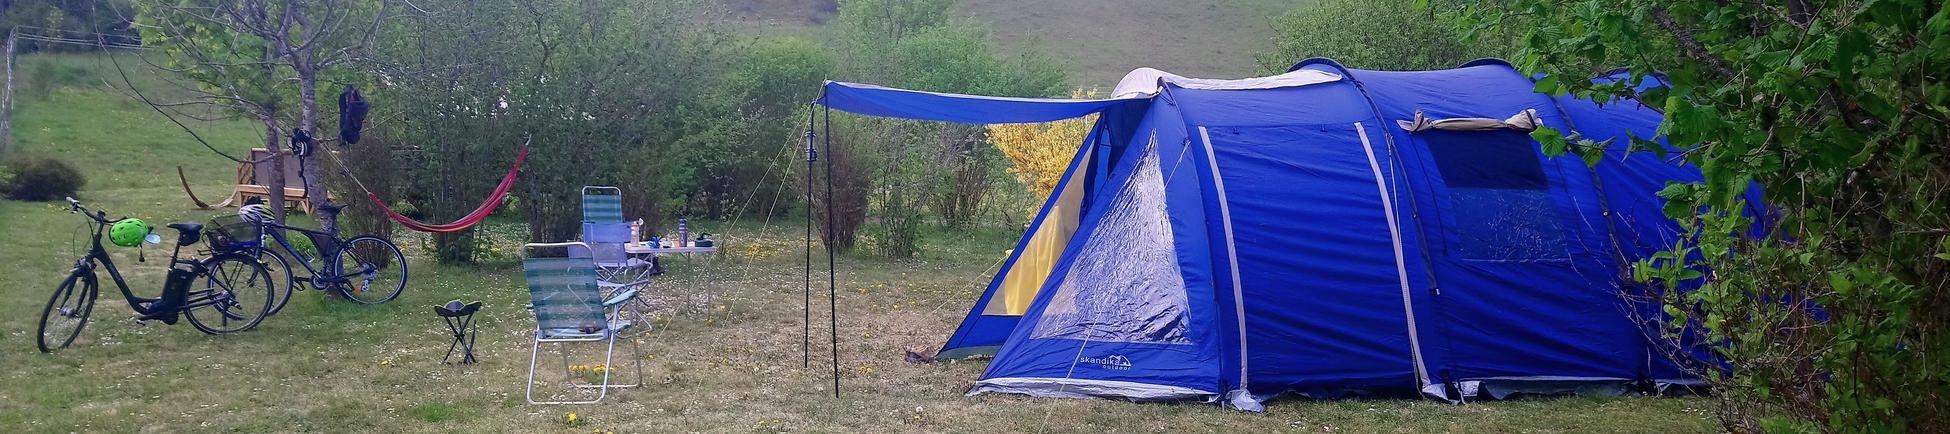 """La tente sur un vaste emplacement herbeux : le """"vrai"""" camping pour des moments inoubliables"""